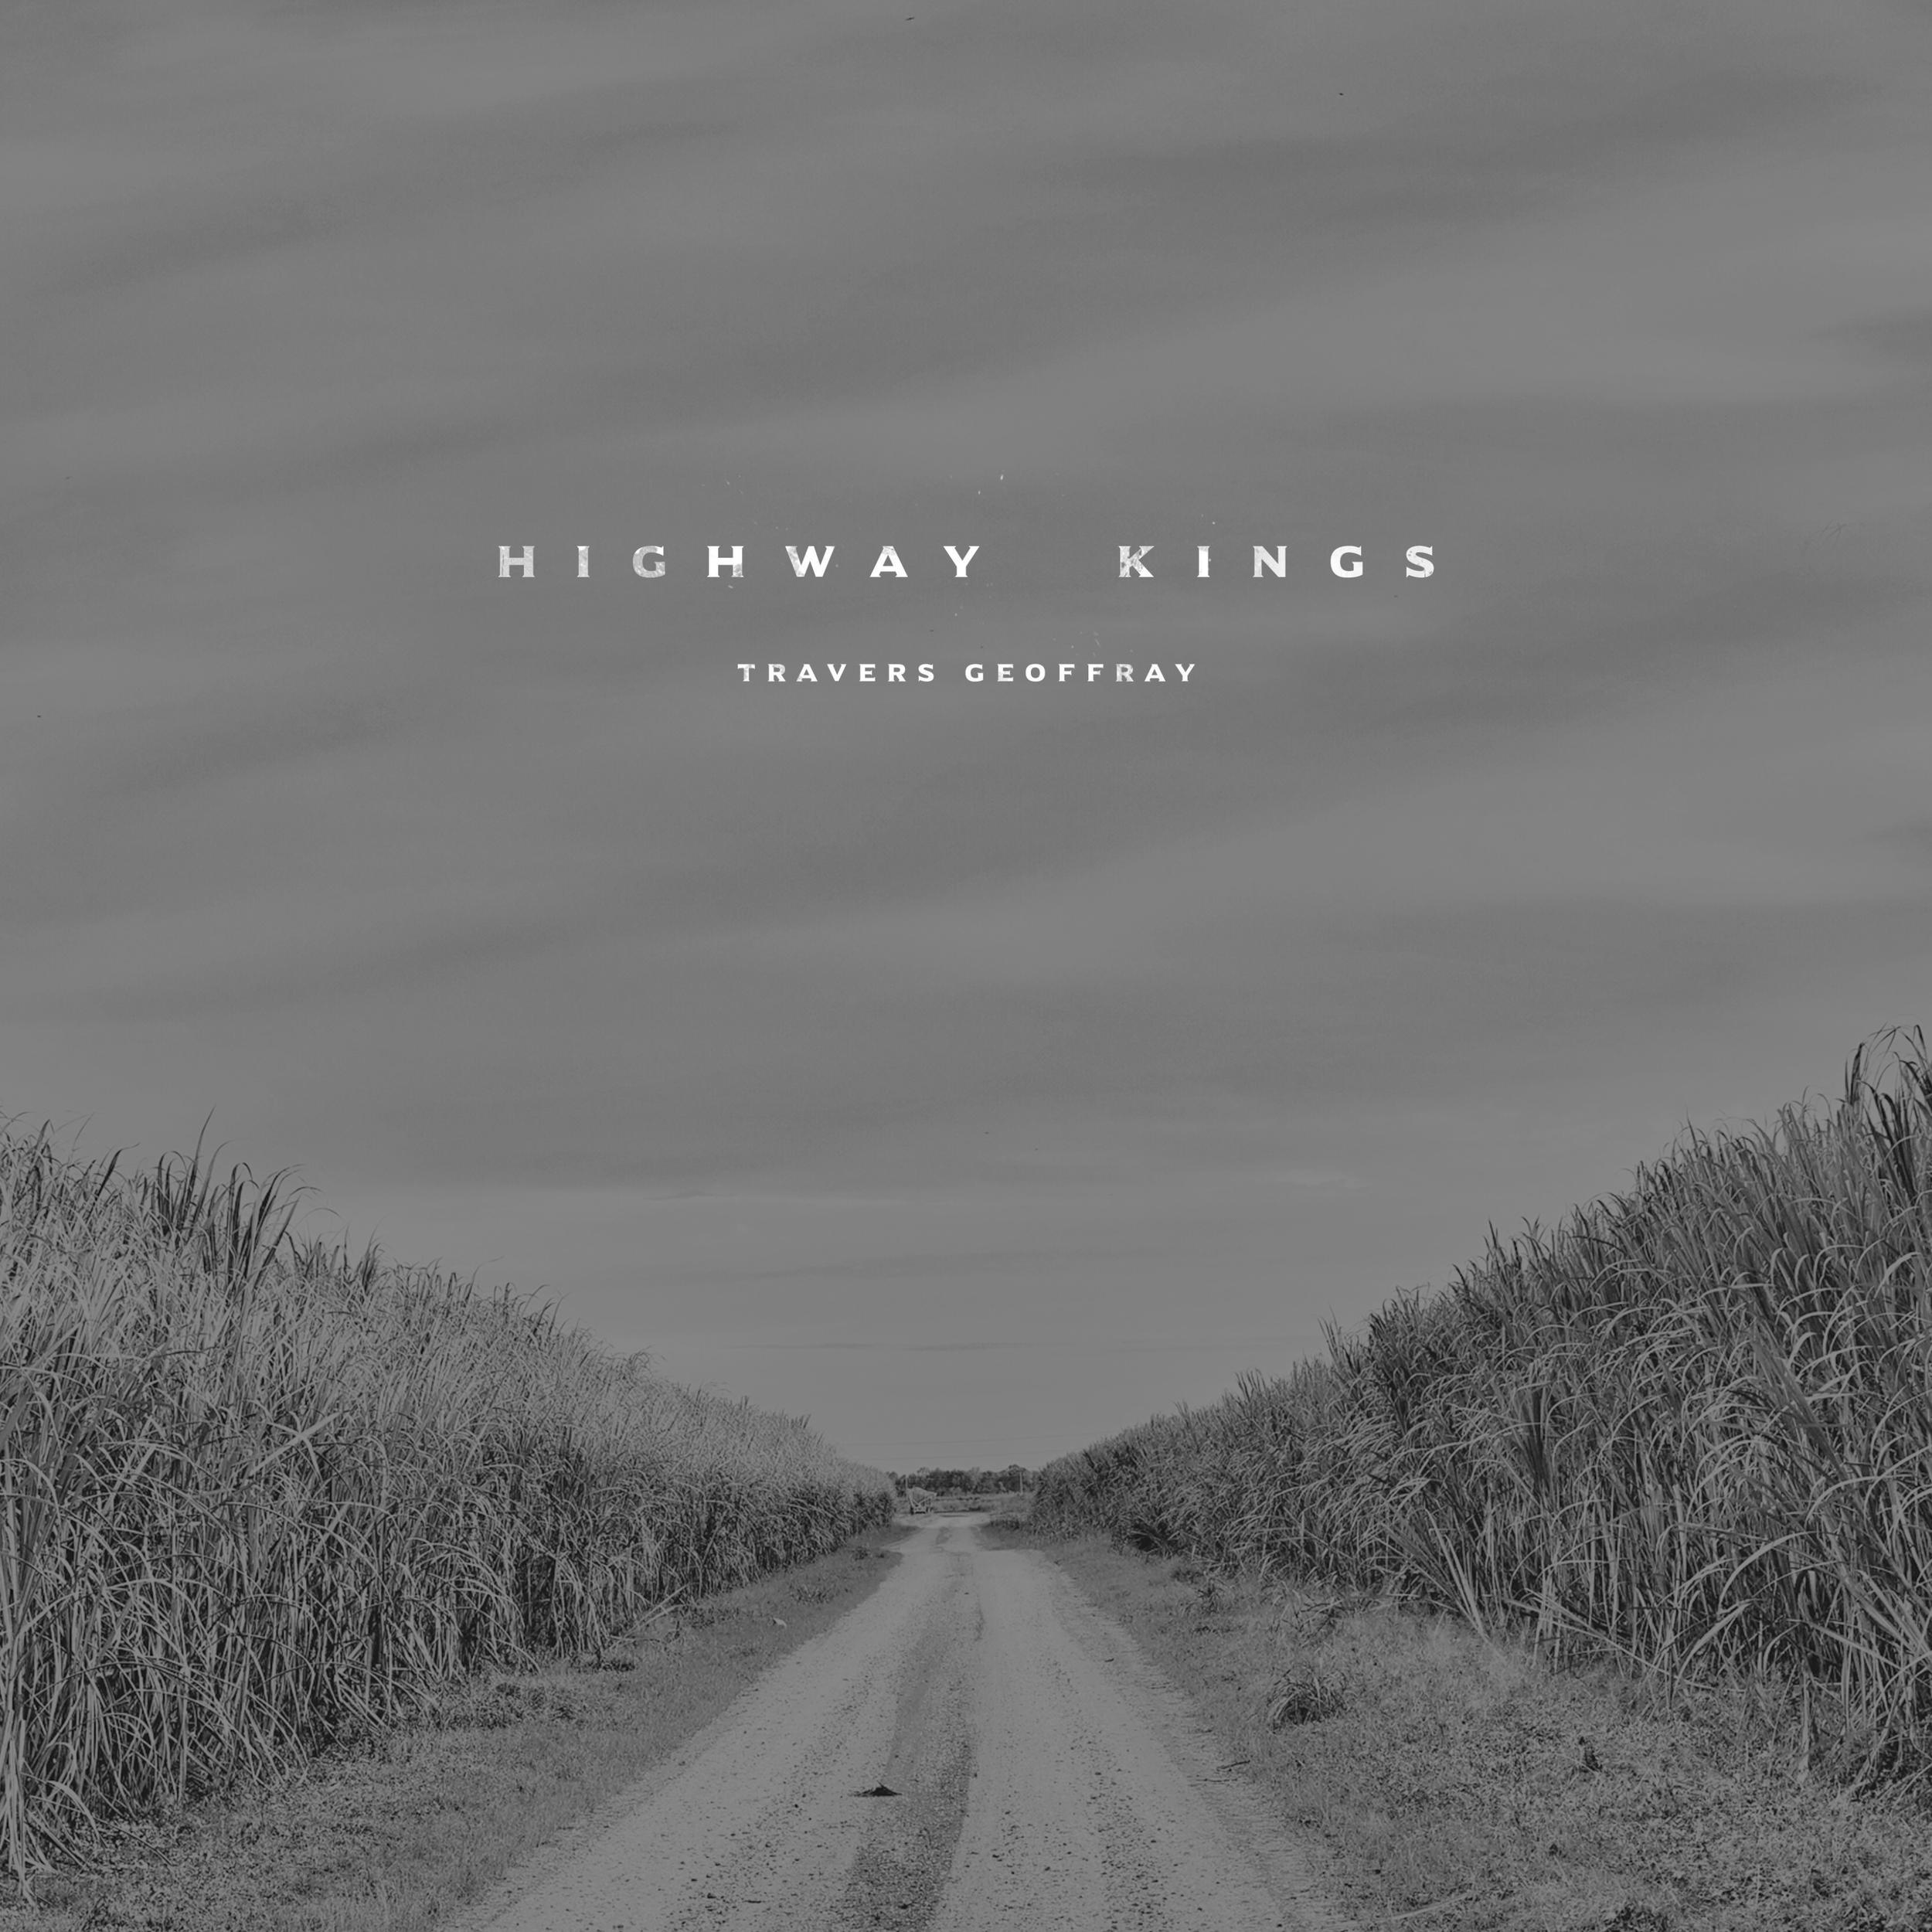 highway-kings-travers-geoffray-digital-cover.png